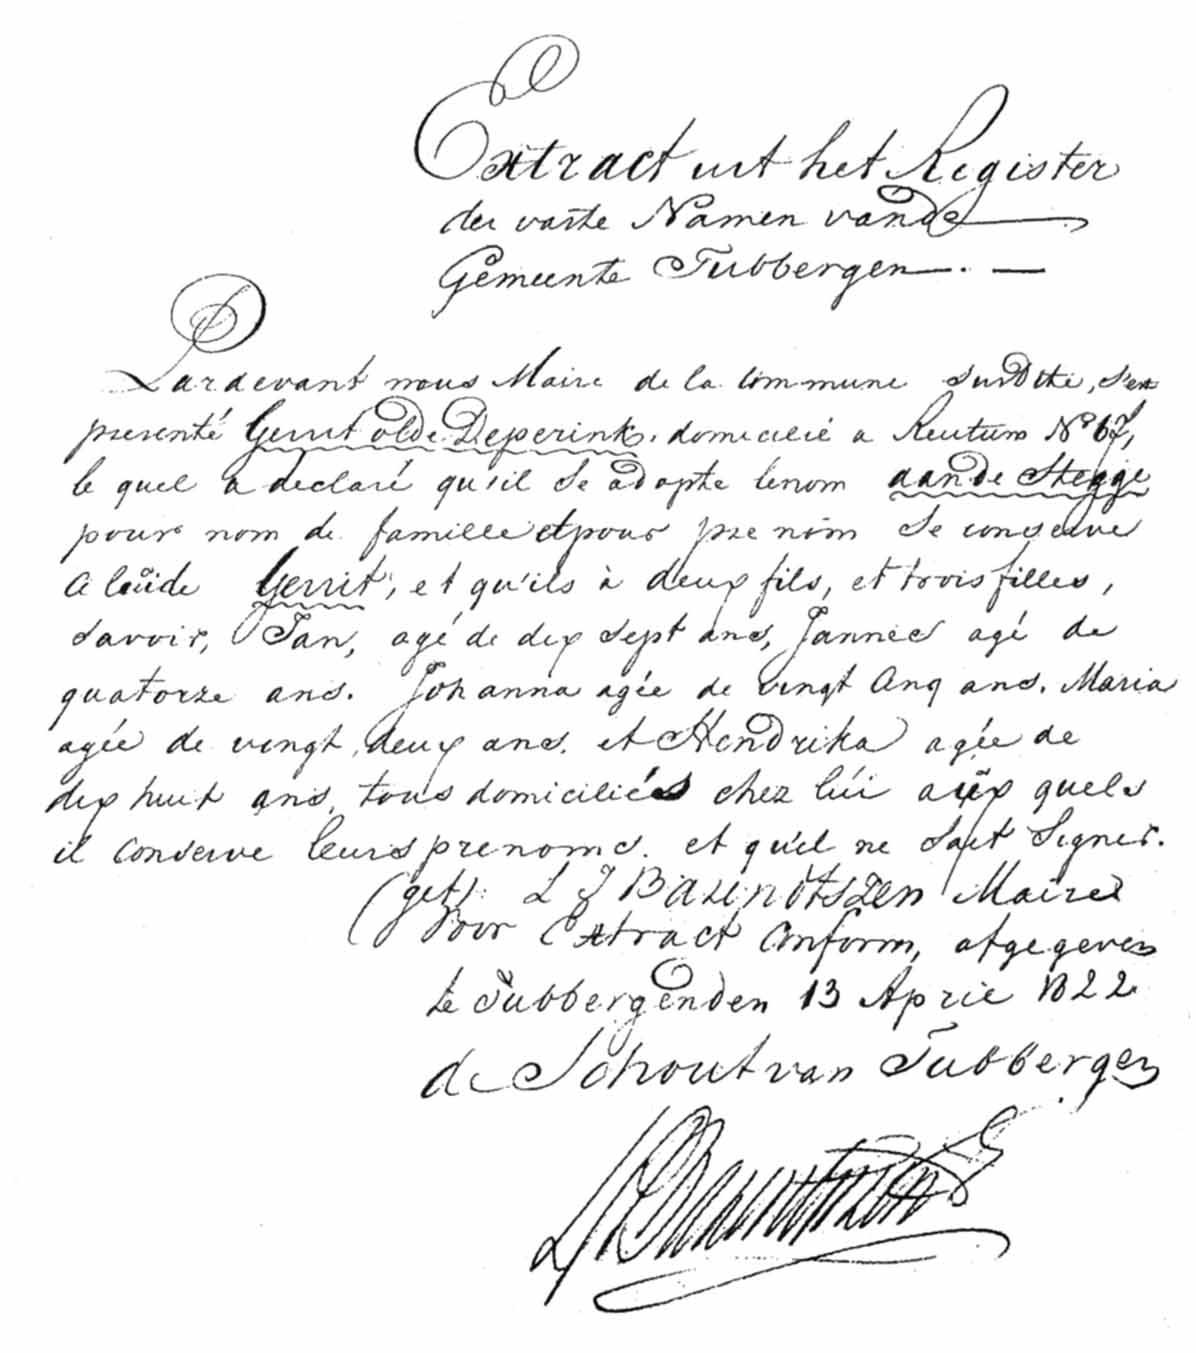 Naamsaanneming in 1812